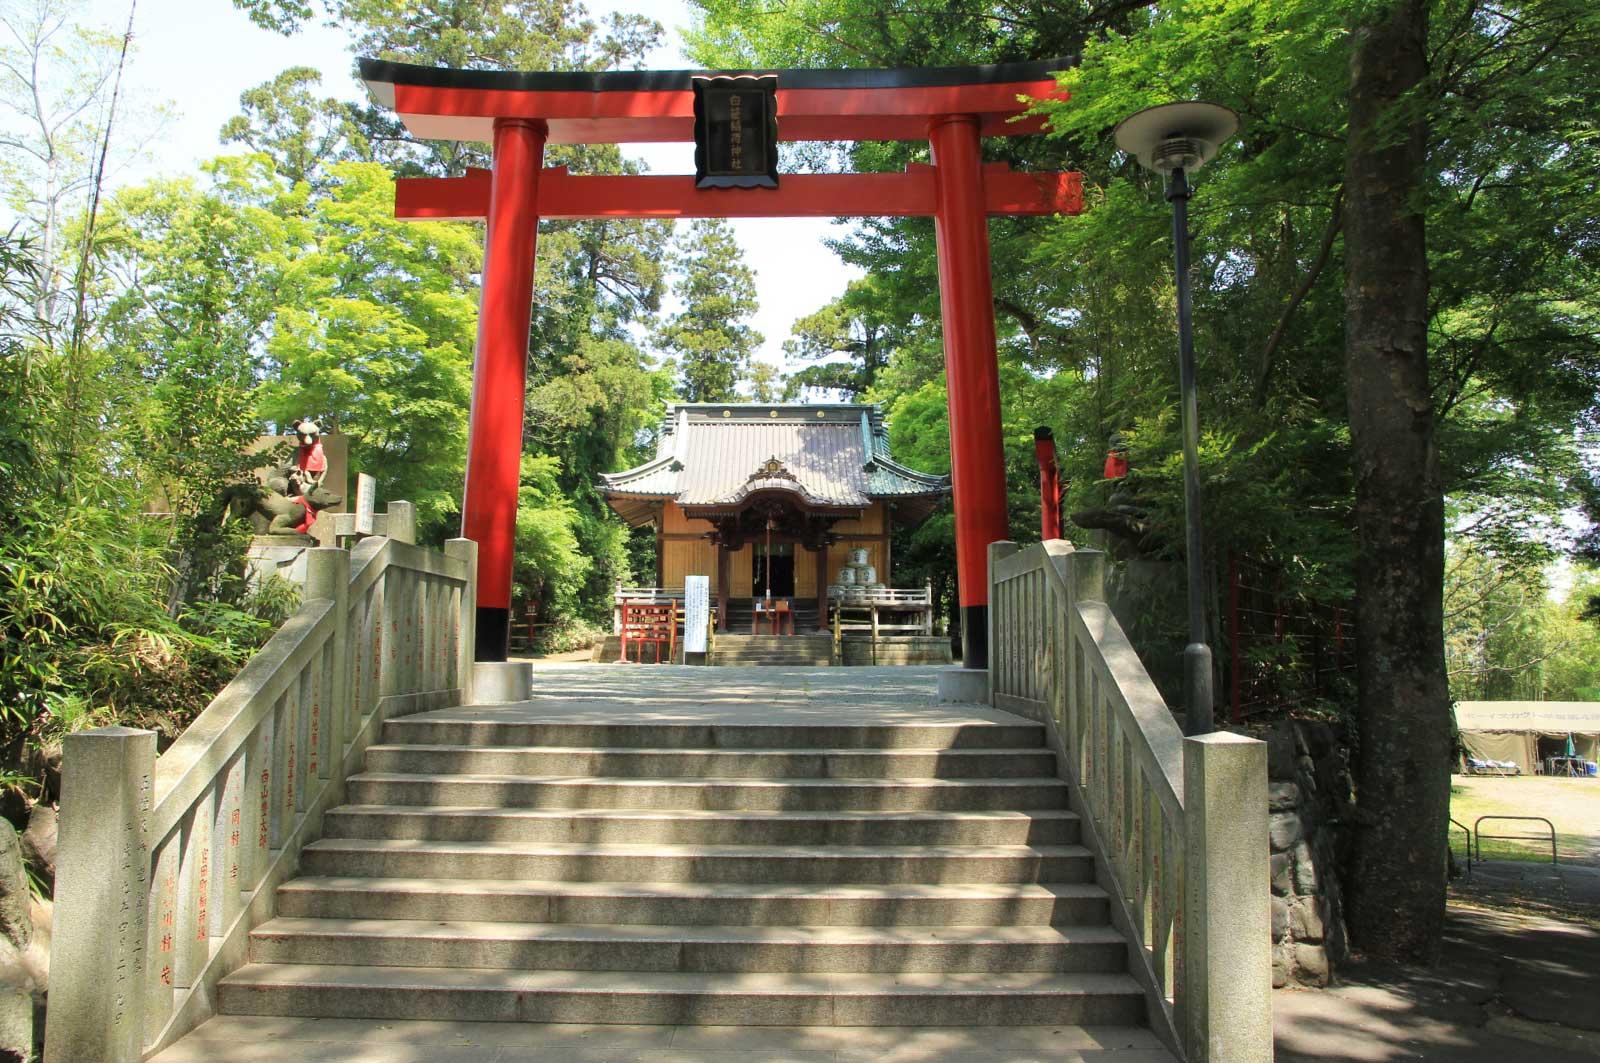 神奈川県秦野市にある「白笹稲荷神社」